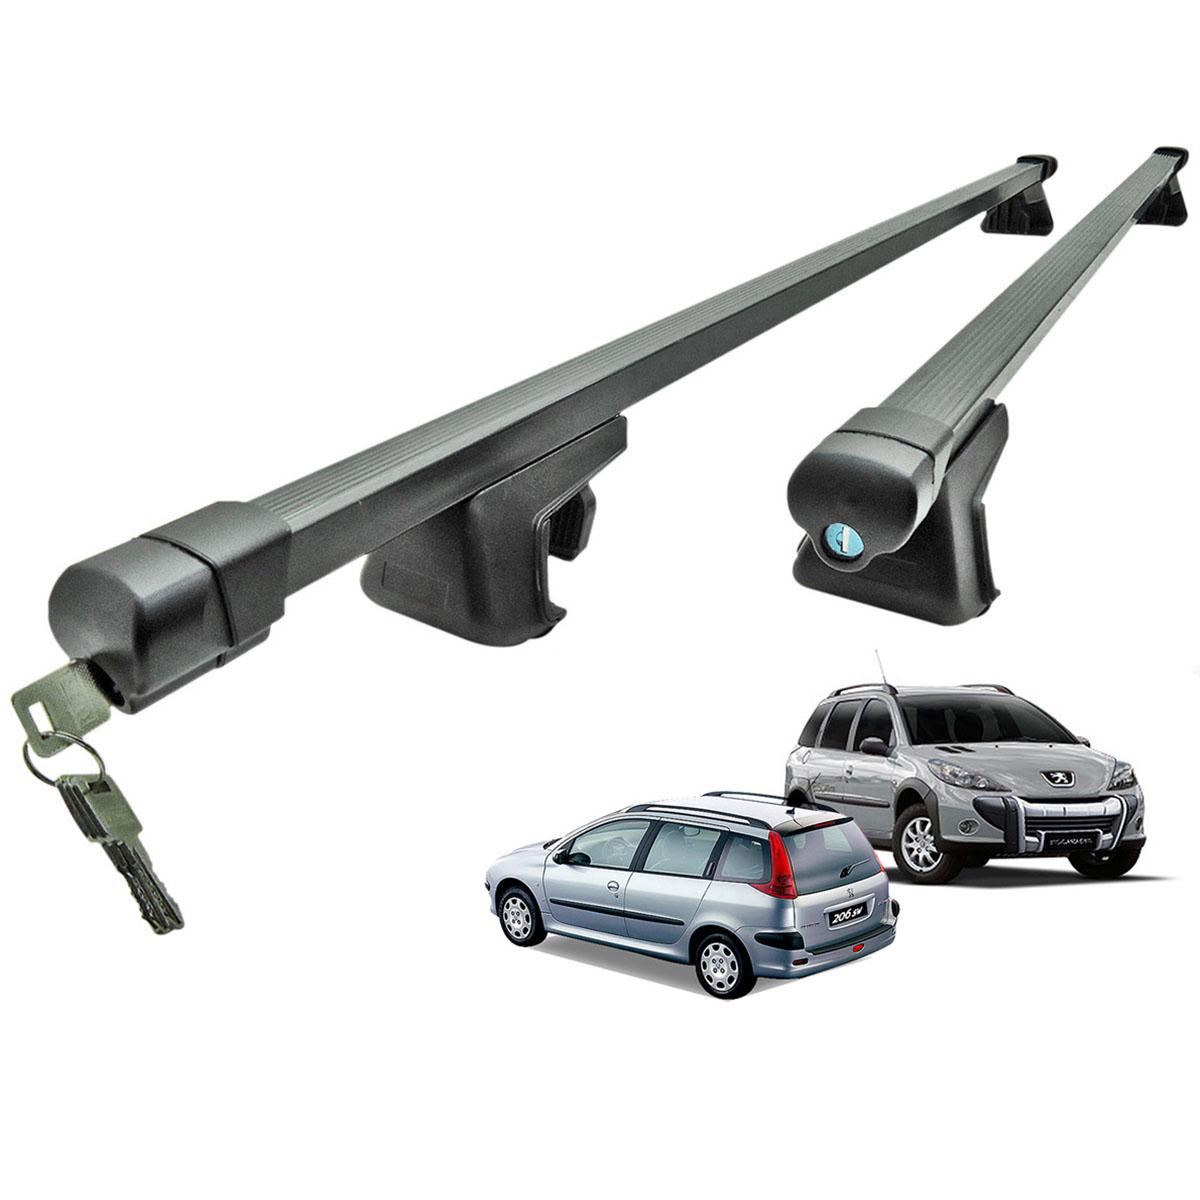 Travessa rack de teto preta com chave Peugeot 206 SW, 207 SW ou 307 SW 2005 a 2013